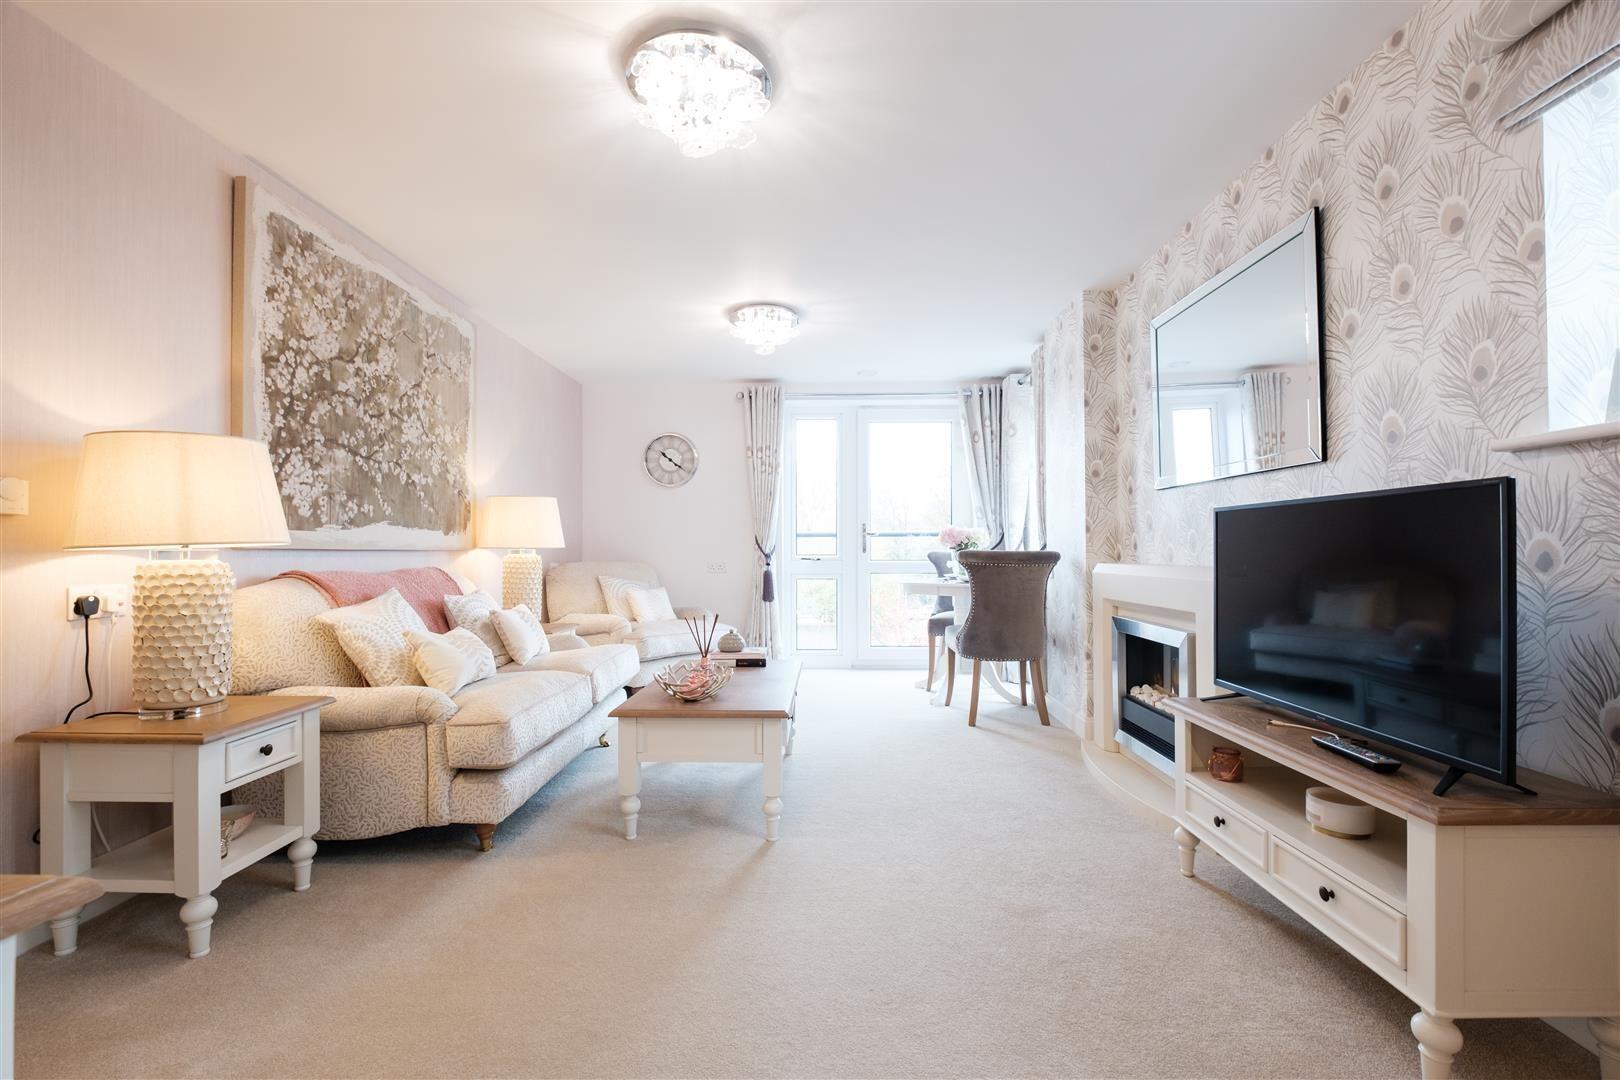 Property photo 1 of 9. Thinkbdw-Mccarthystone-Edwardhouse-23196.Jpg